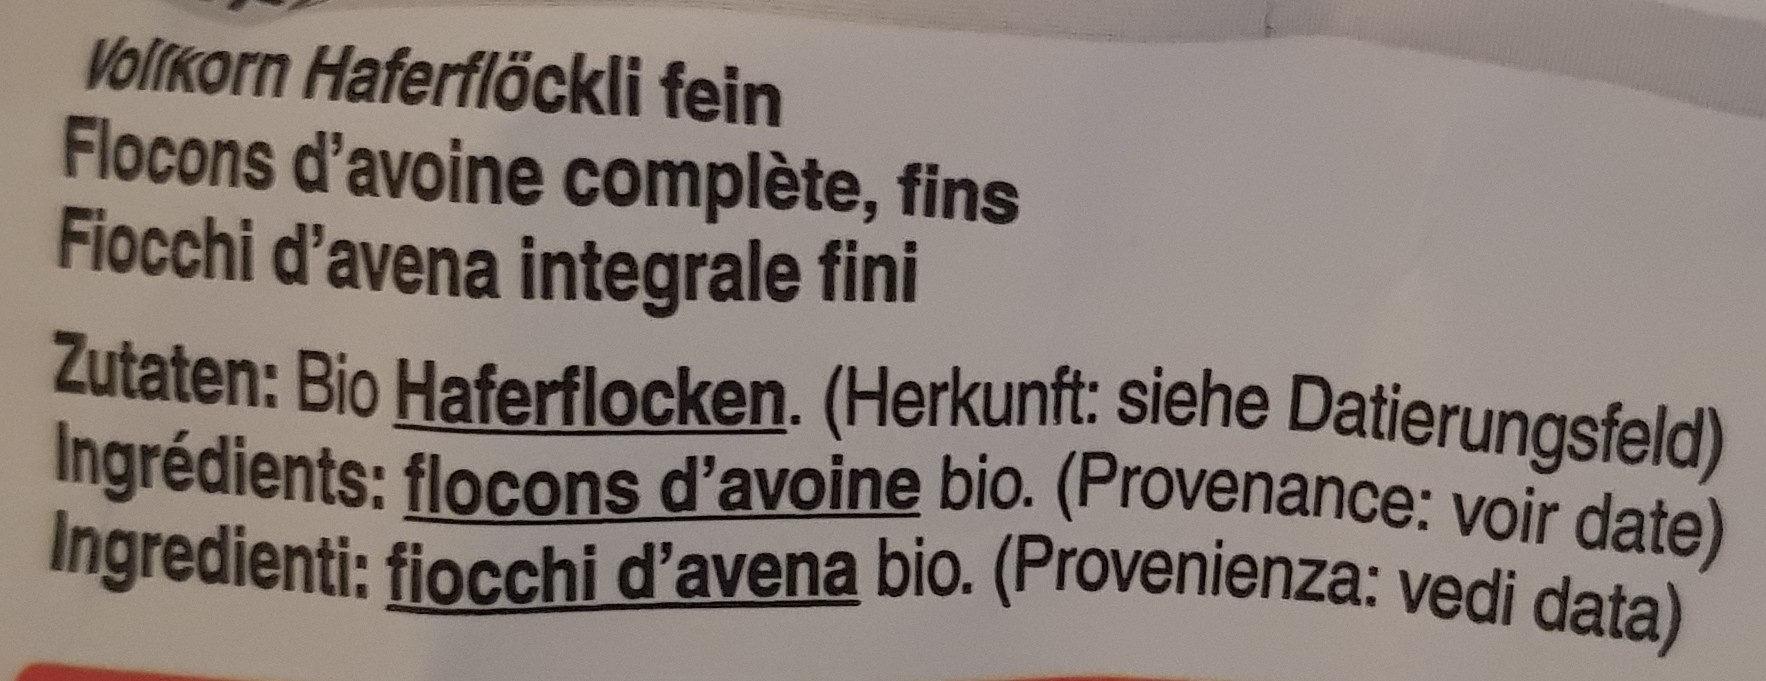 Fiocchi d'avena integrale - Ingrédients - fr